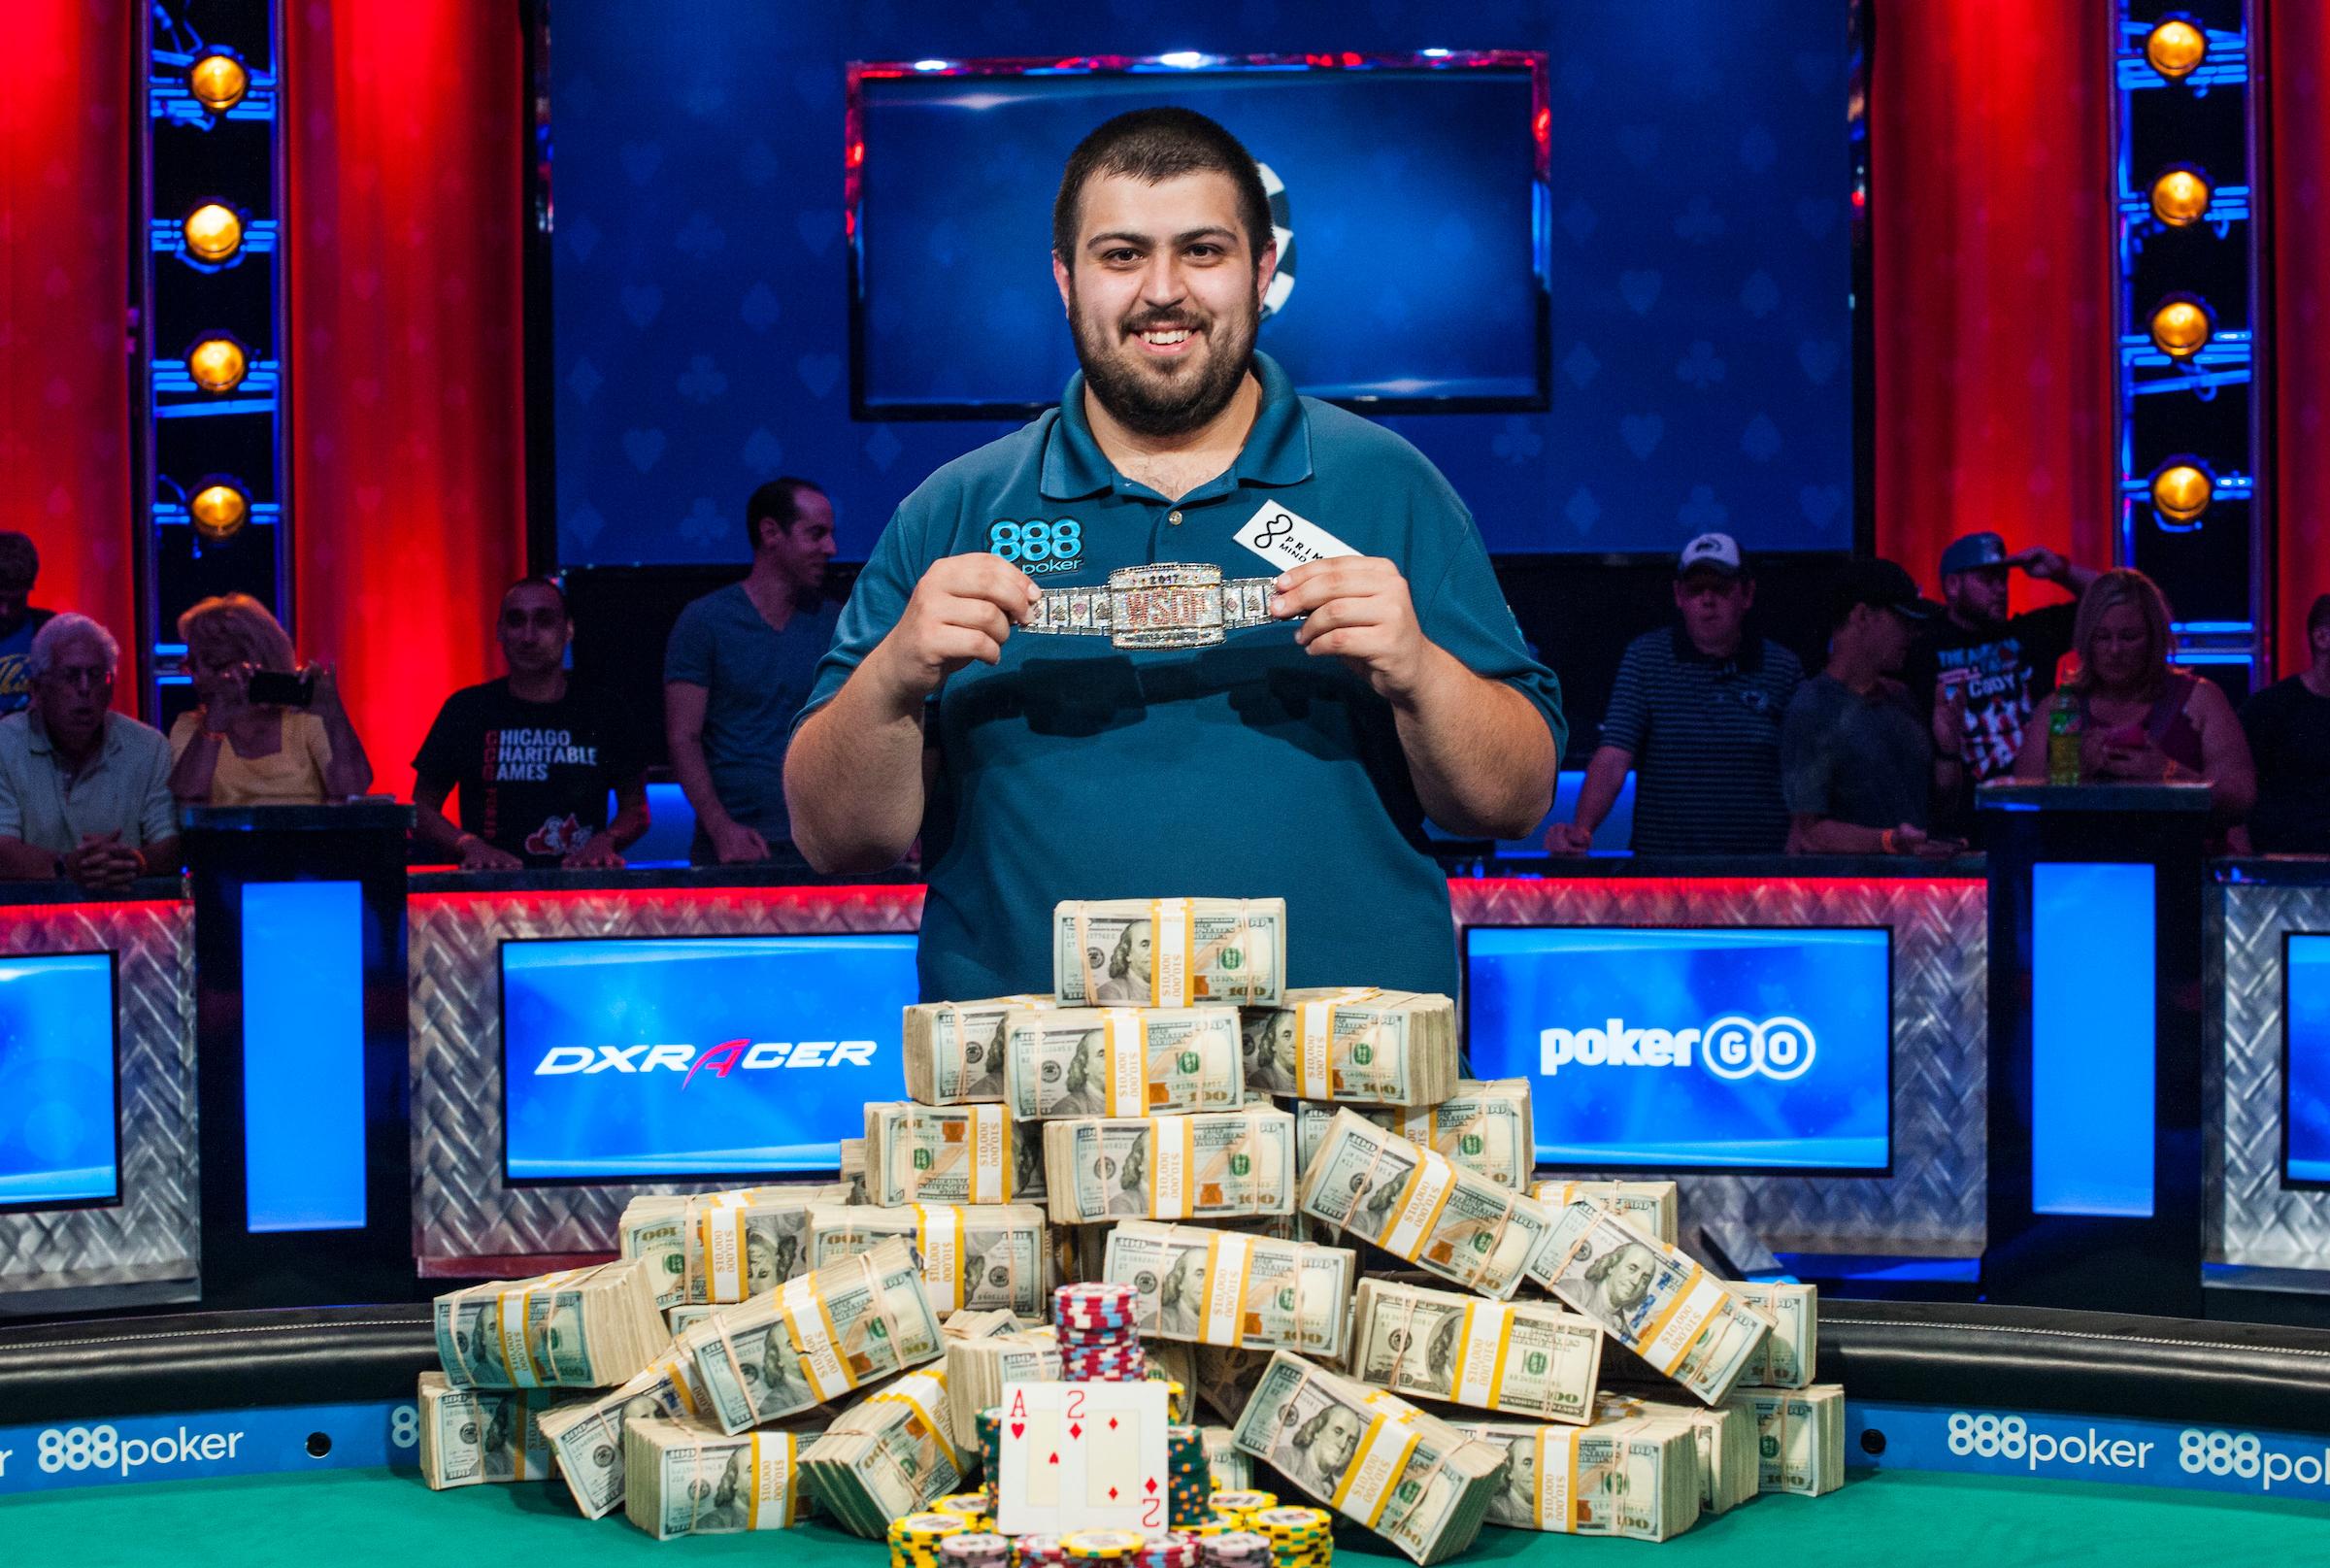 Casino villa maria poker saulte ste marie casino